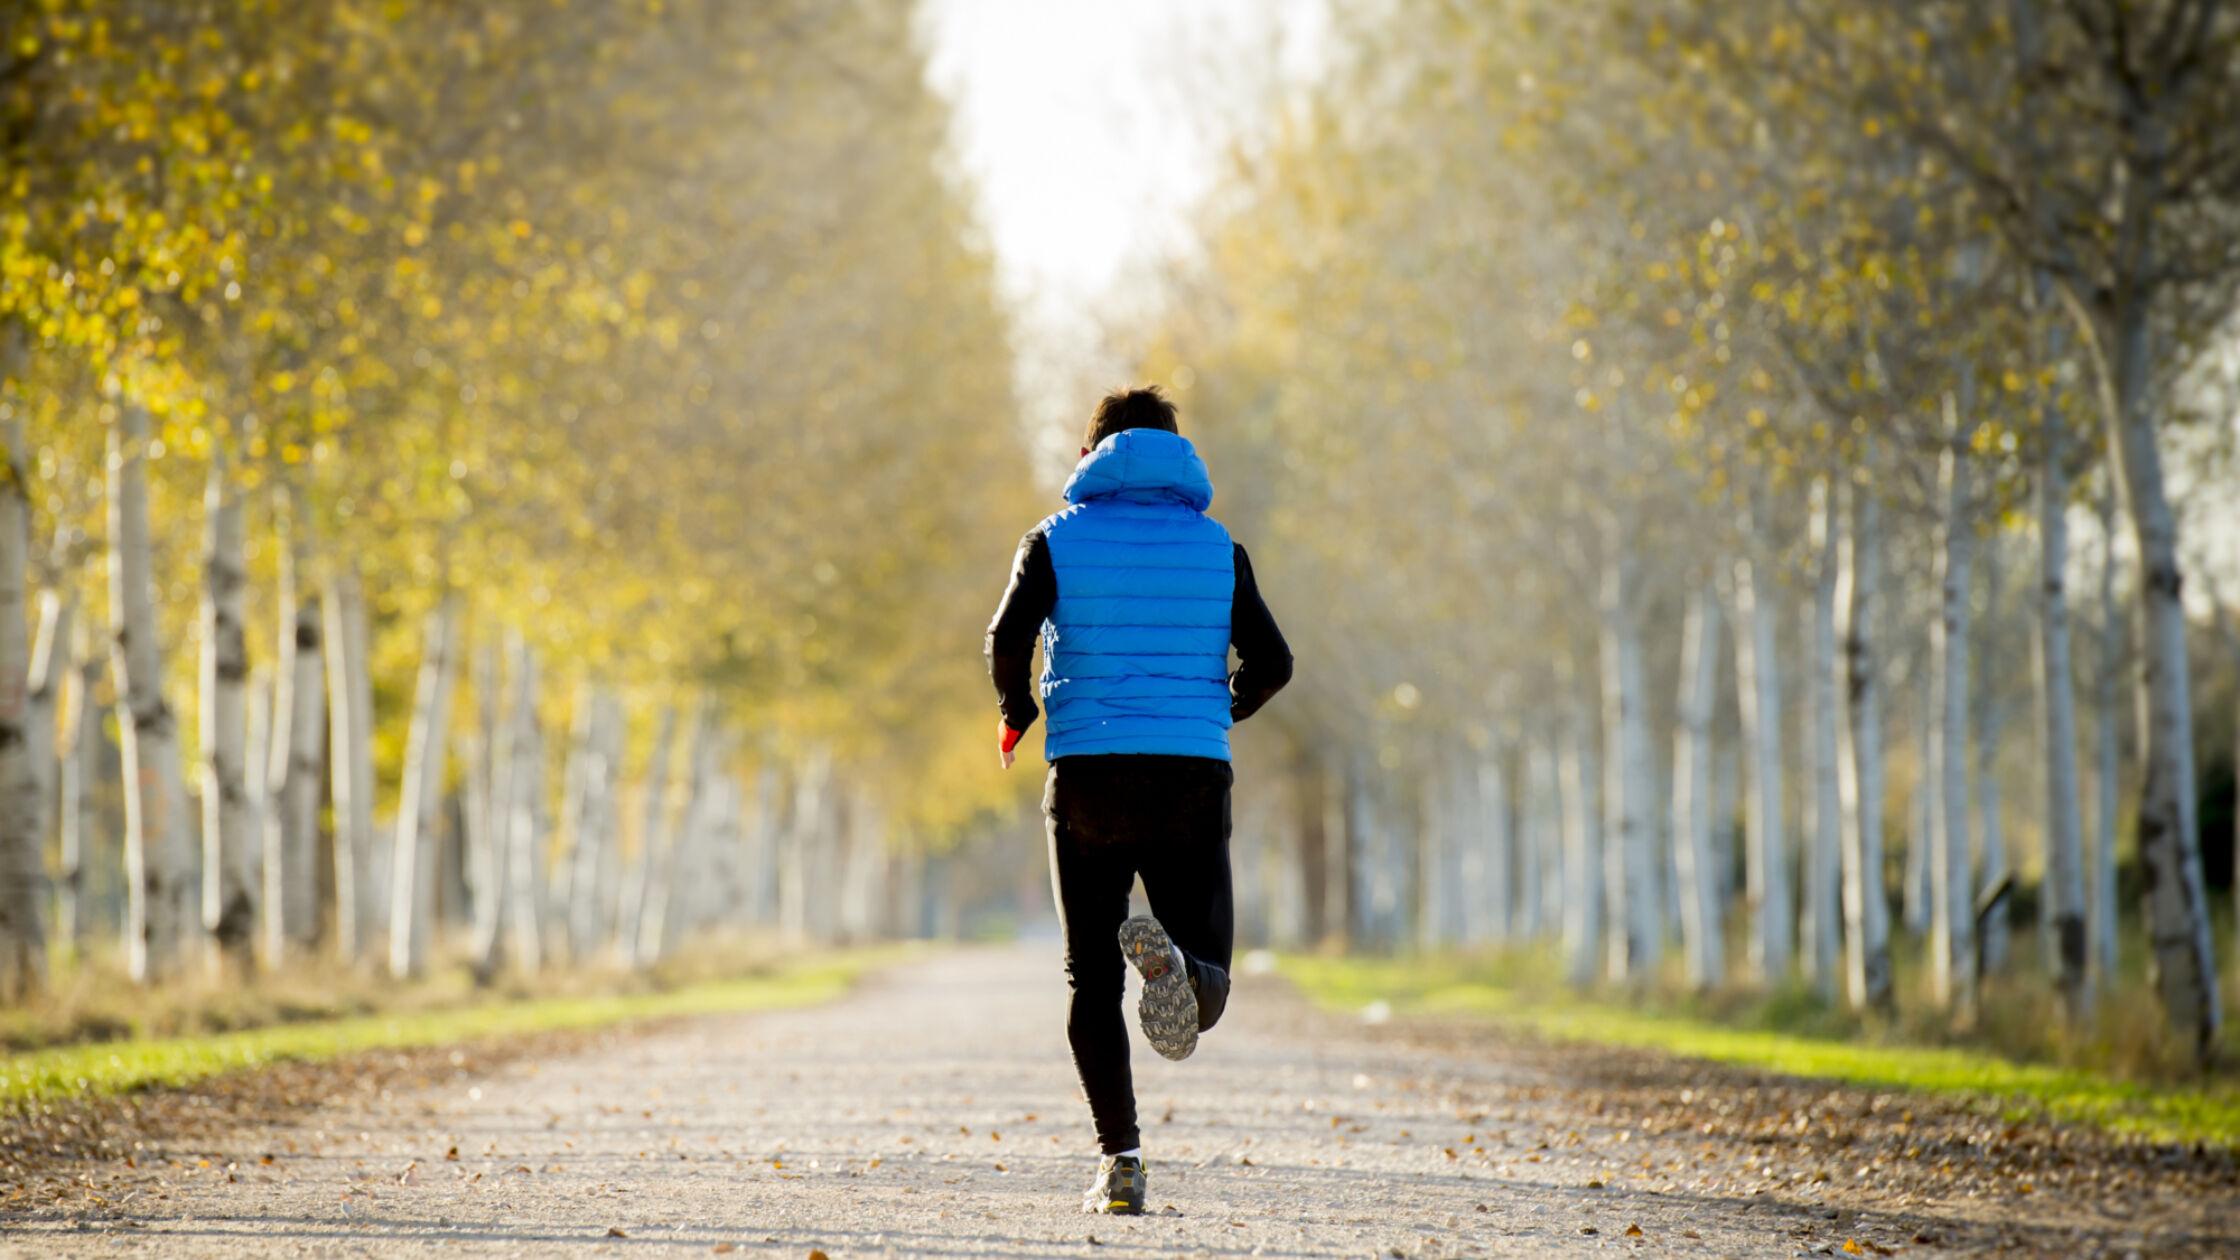 Maak kennis met hardlopen.nl trainingsexpert Rob Veer